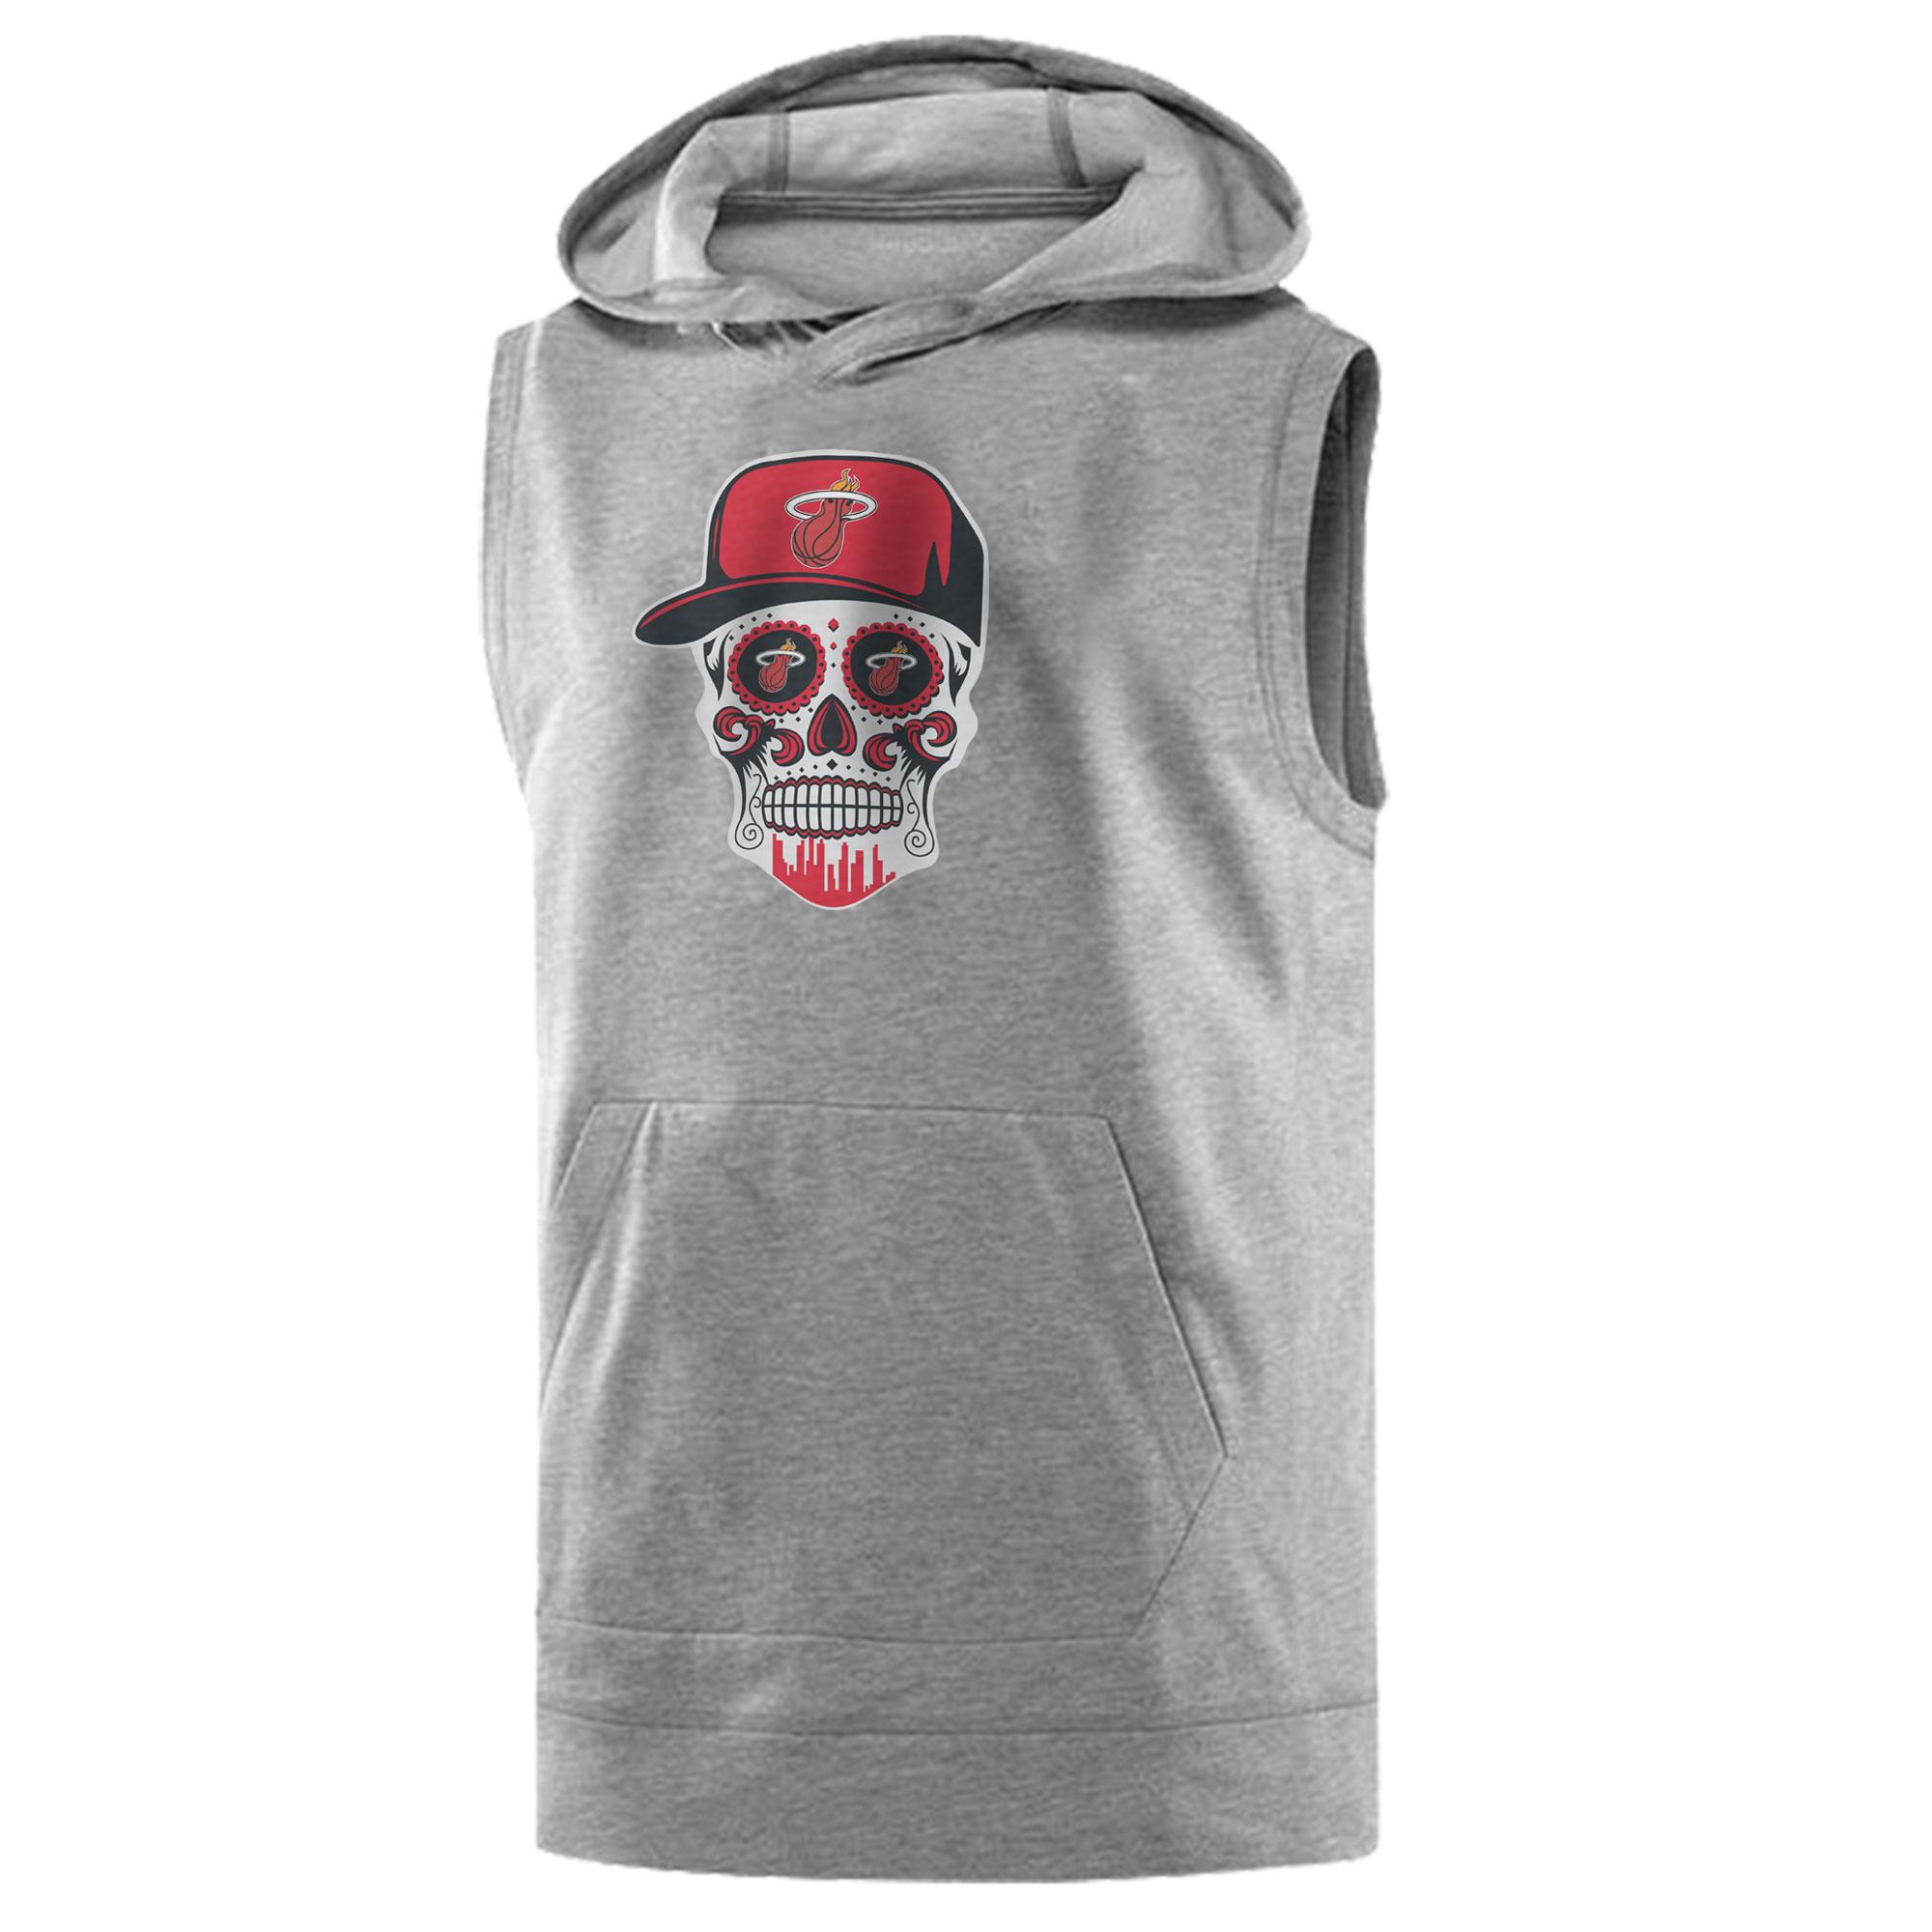 Heat Skull Sleeveless (KLS-GRY-NP-456-NBA-MIAMI-SKULL)